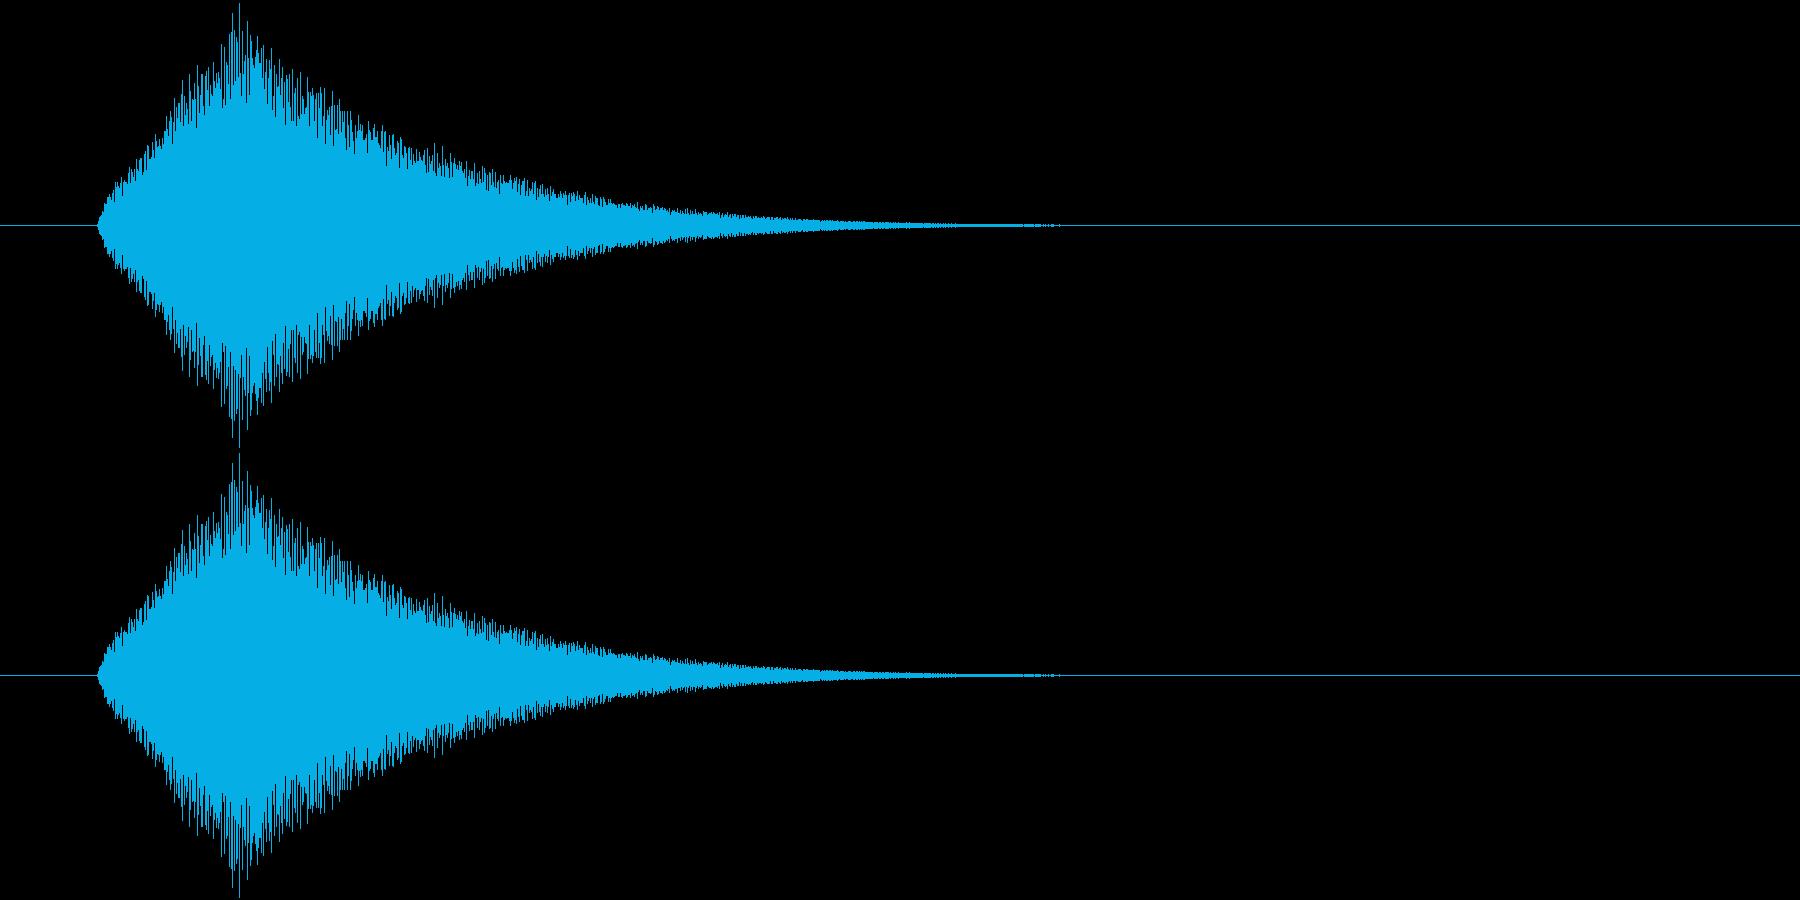 聖なる感じ・光が差すイメージの音の再生済みの波形